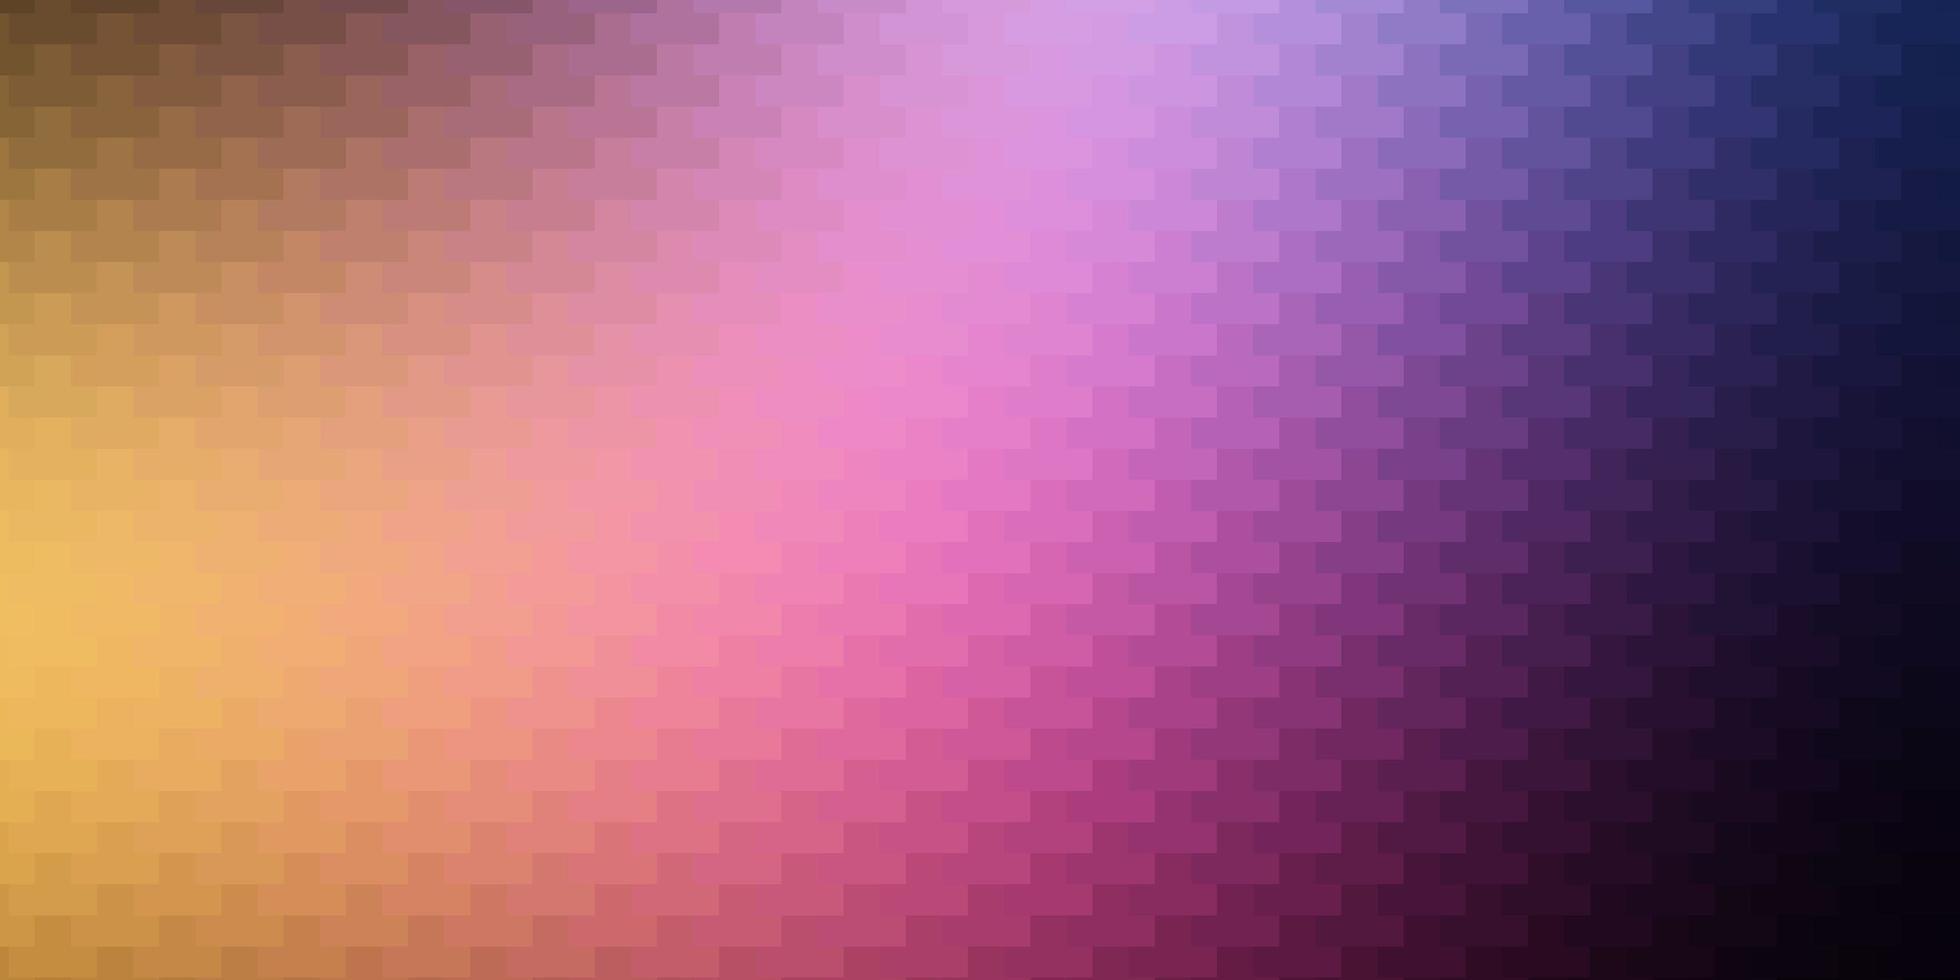 mörkrosa, gul vektorlayout med linjer, rektanglar. vektor